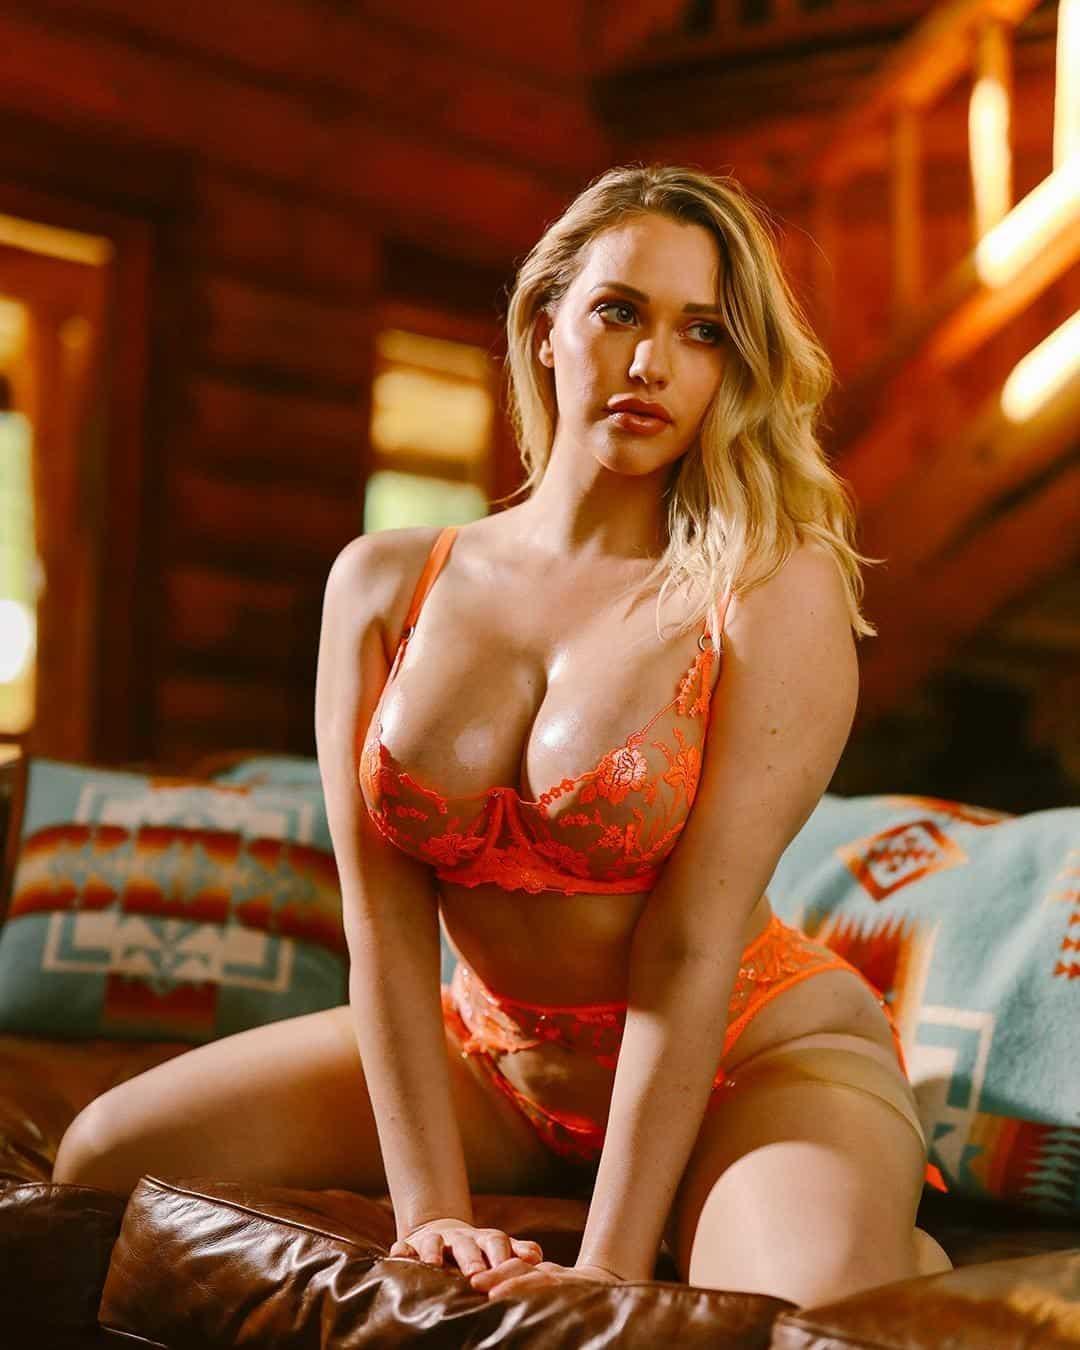 Mia Malkova Sexy Bikini, Lingerie, Bra Photos